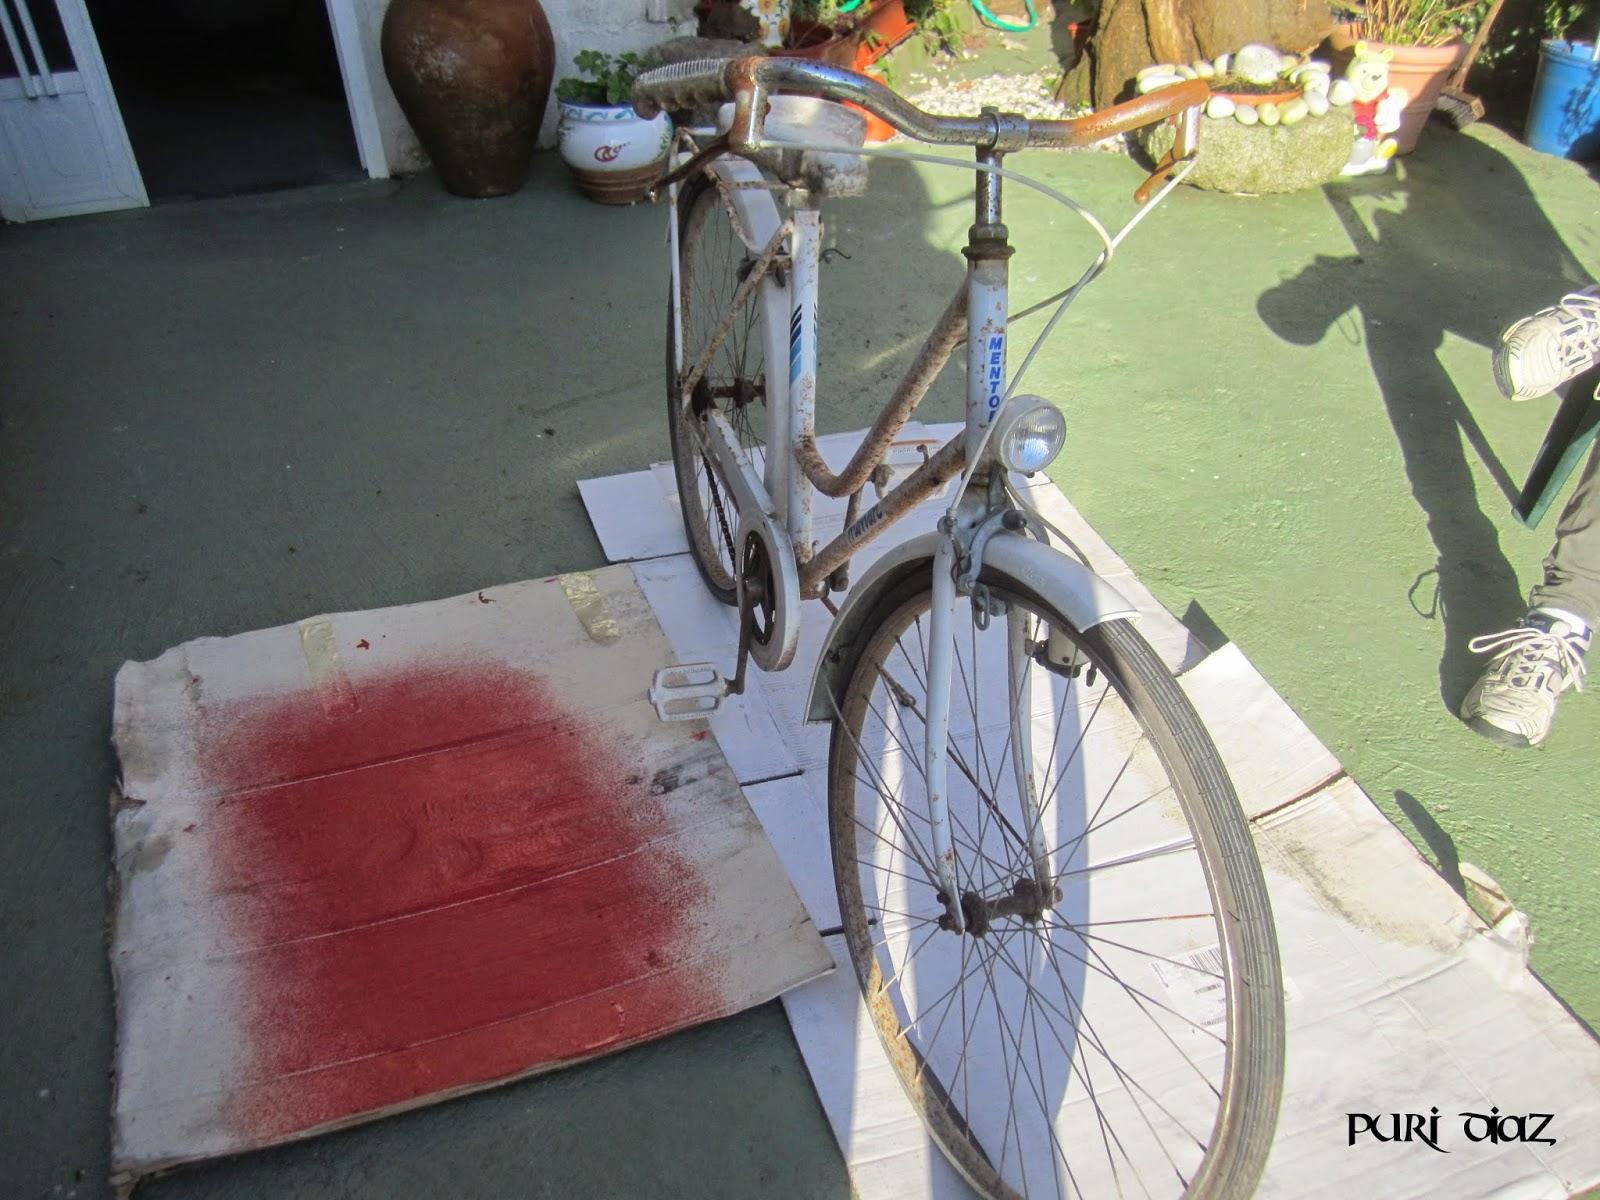 Manualidades puri diaz reciclar bicicleta vieja para el for Guardar bicicletas en el jardin